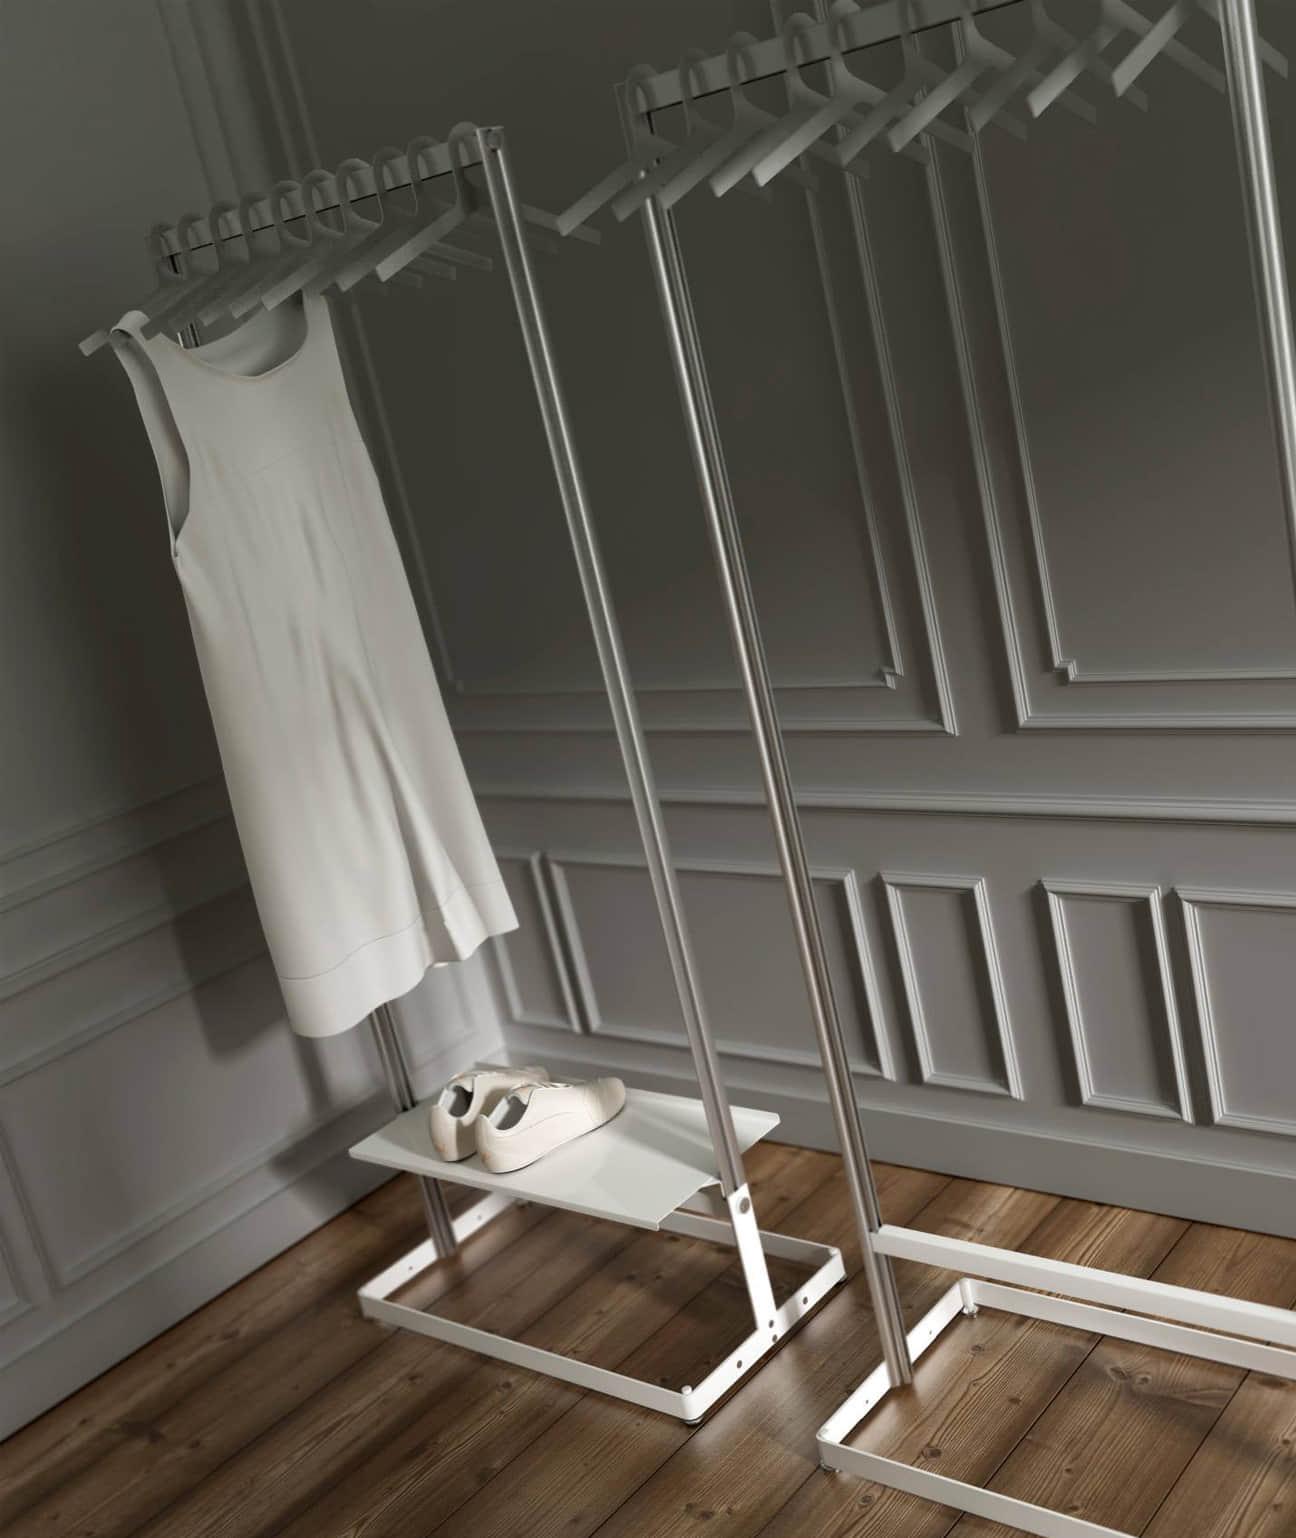 muebles tienda de ropa